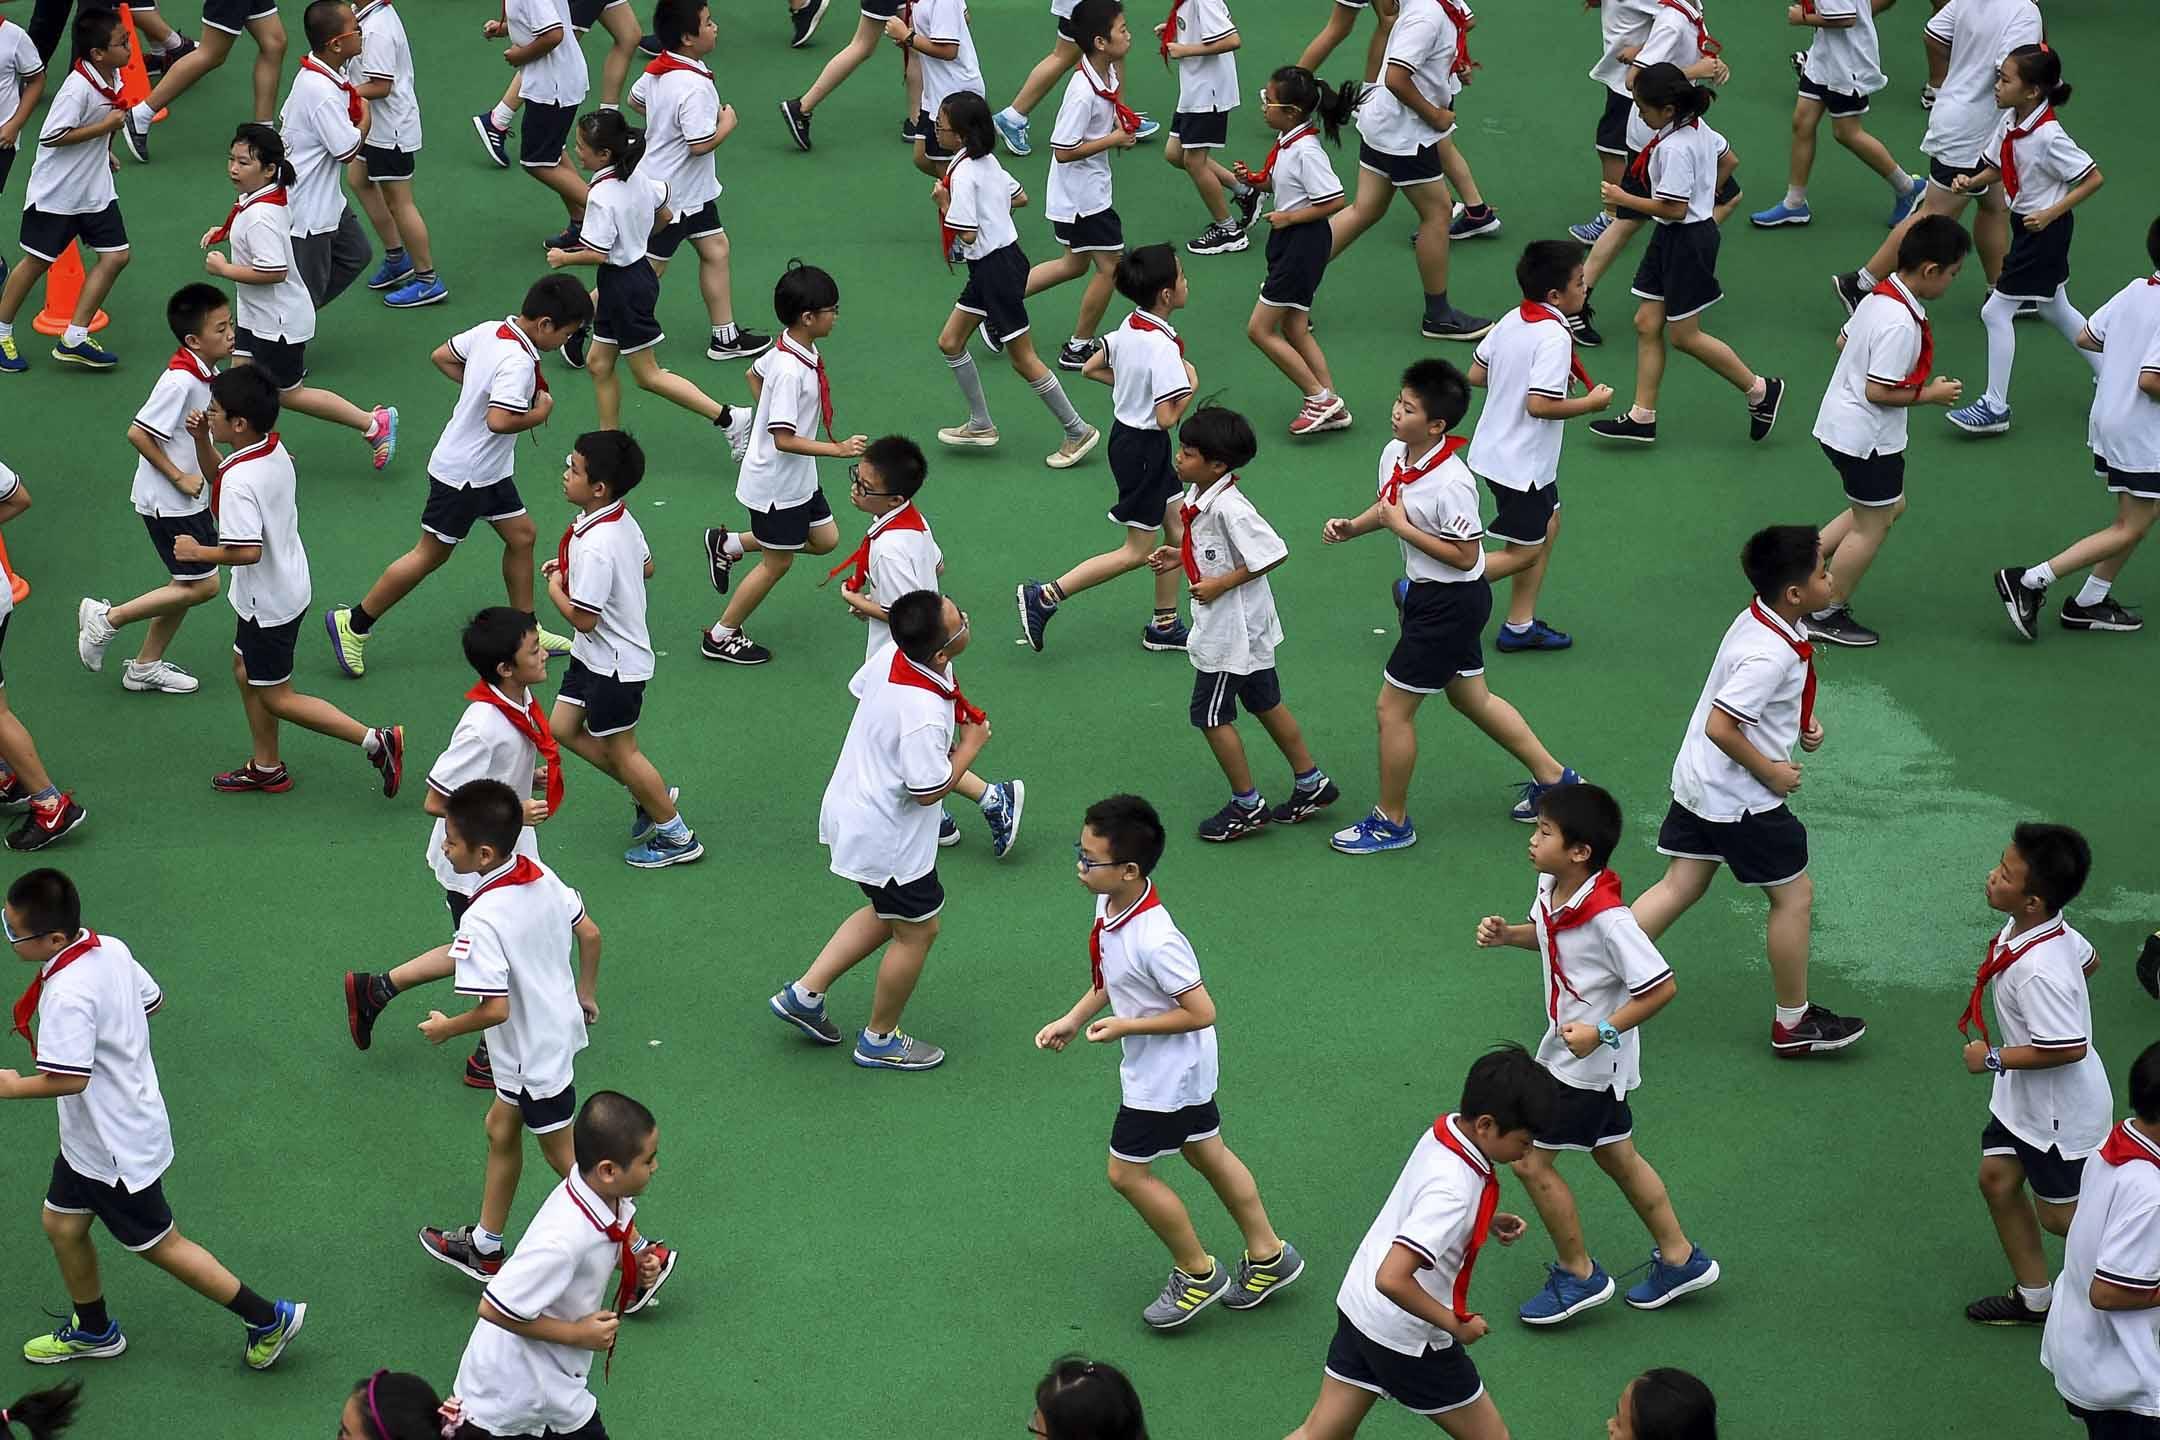 王蓉意識中國人對教育的焦慮、糾結和不滿。2017年,她與同事們在中國29個省份353個縣共計四萬餘戶家庭中進行調查、統計,並調研中國多種類型的教學機構,在2018年夏天出版《中國教育新業態發展報告》。試圖以數字來回答,教育的供需矛盾和根本症結所在。 攝:Chandan Khanna/AFP/Getty Images